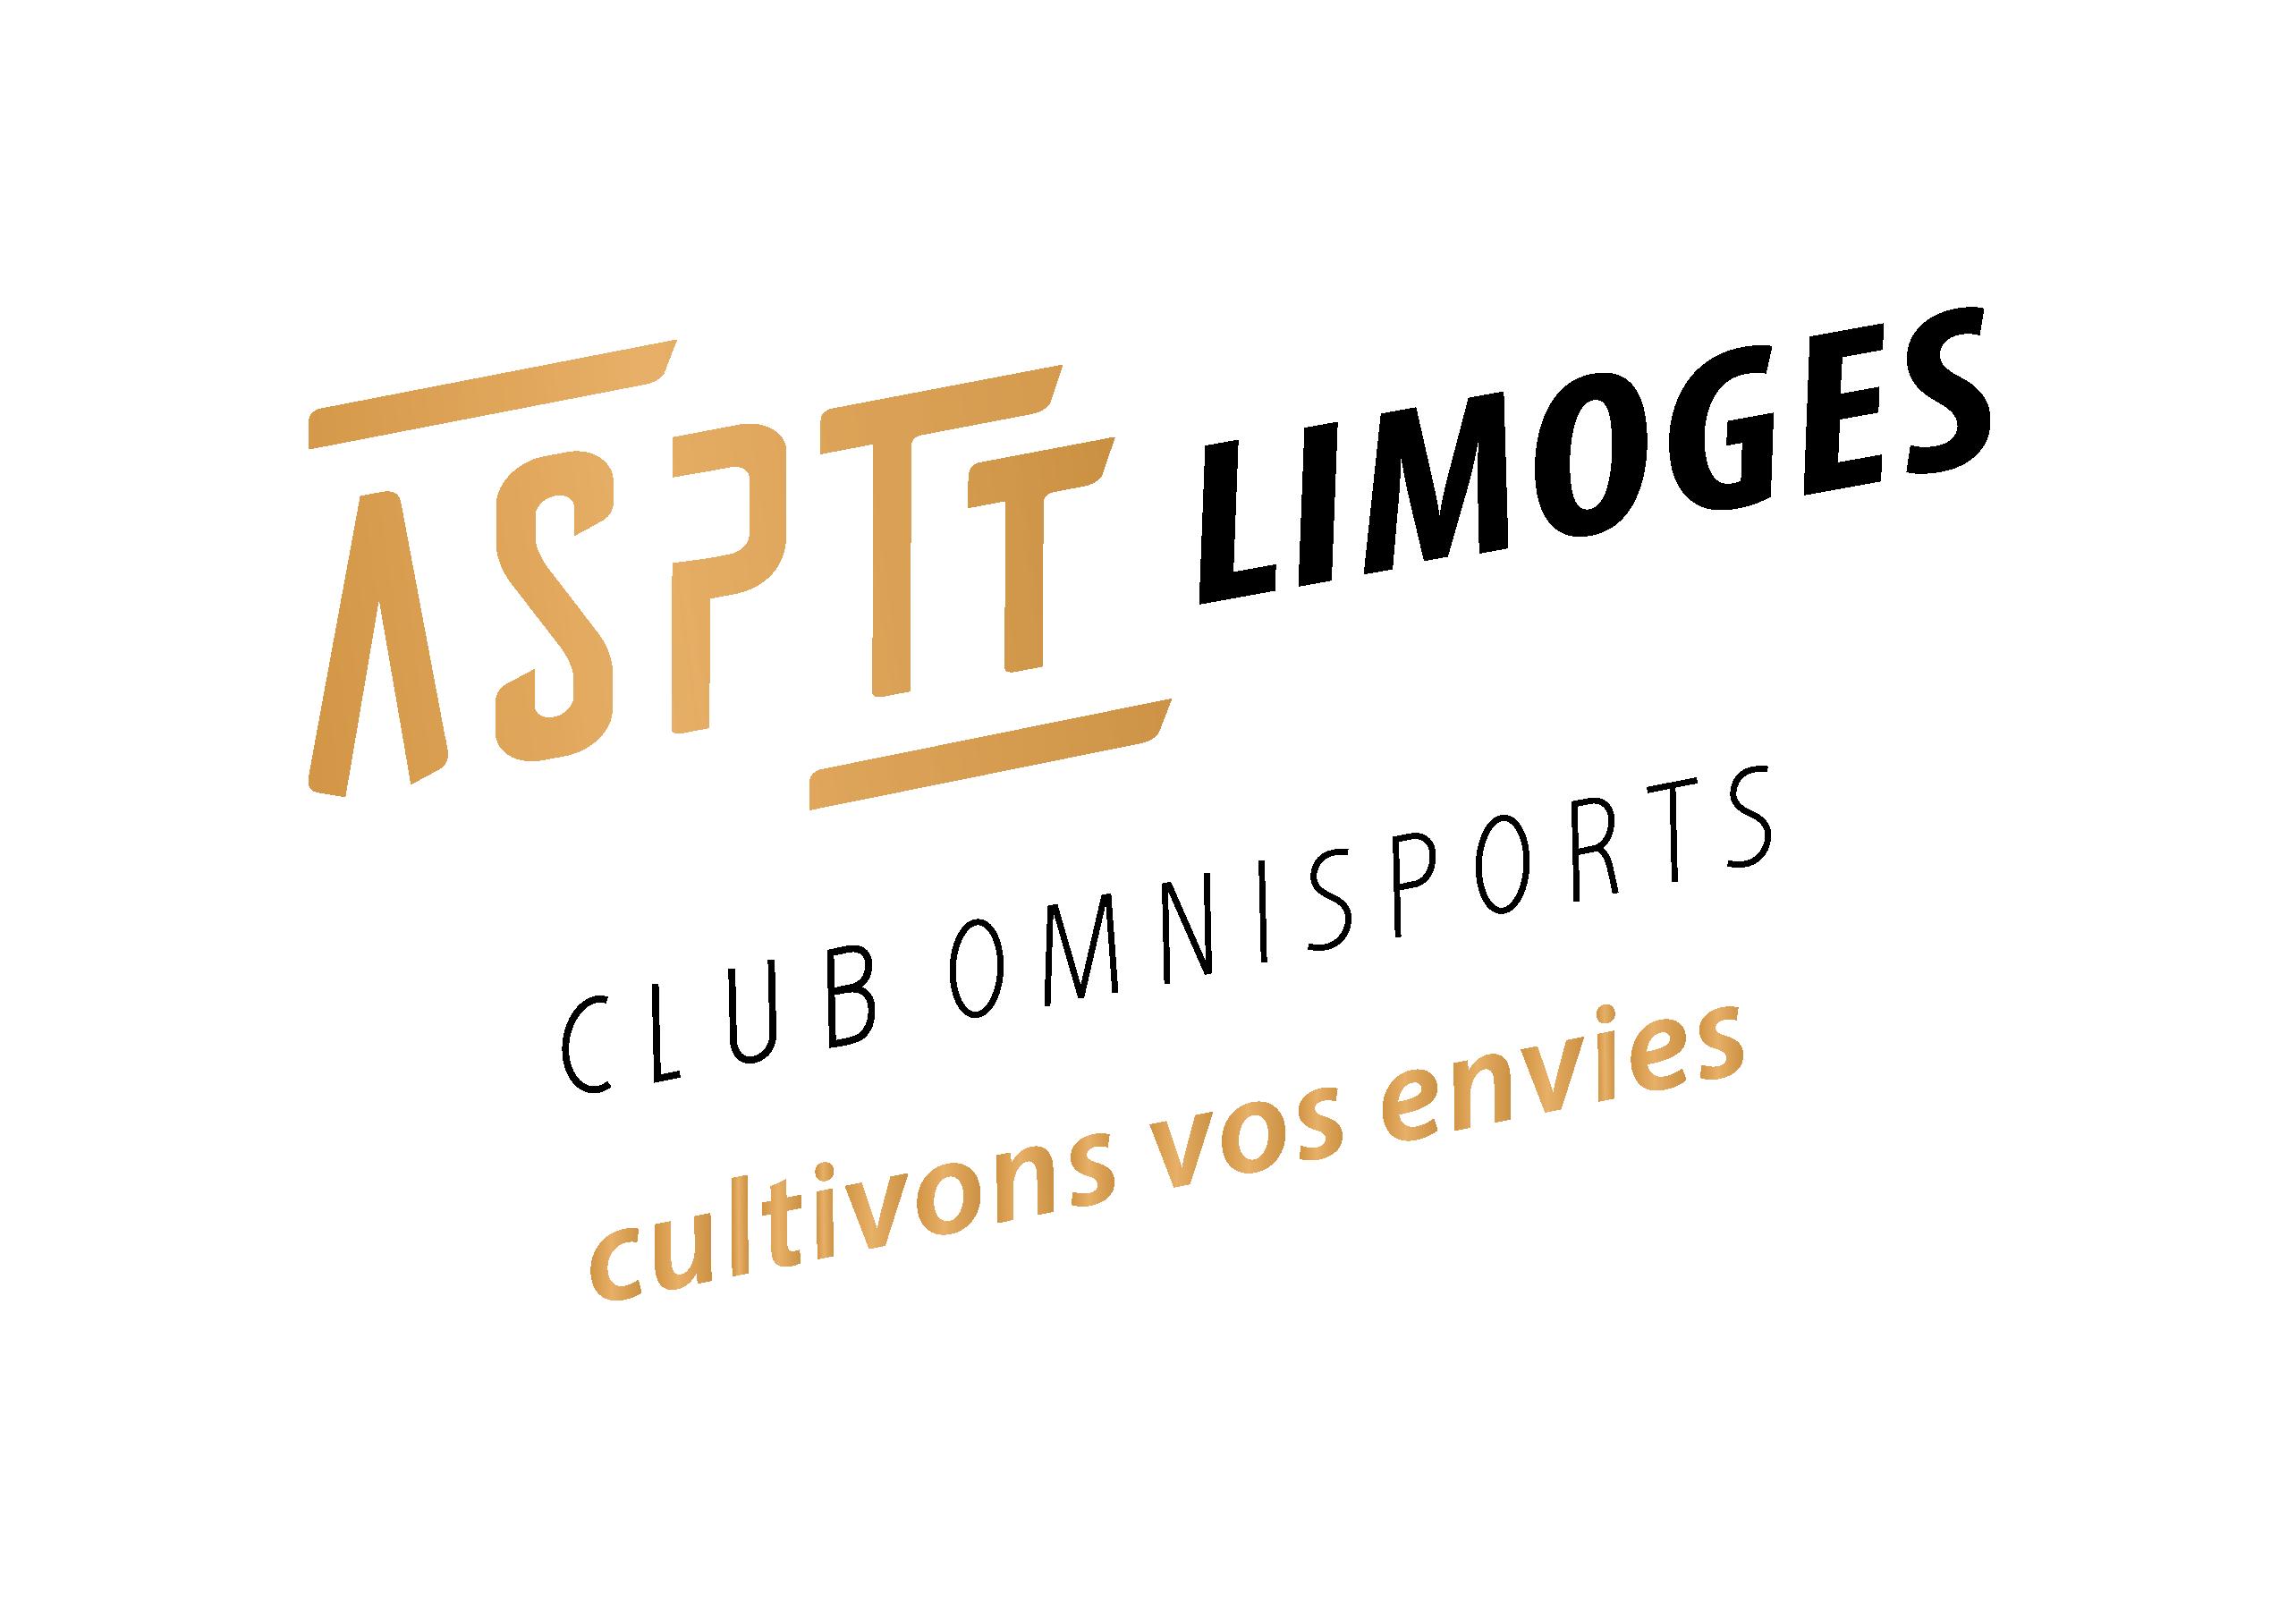 http://www.asptt.com/club-de-sport/asptt-limoges_c108/